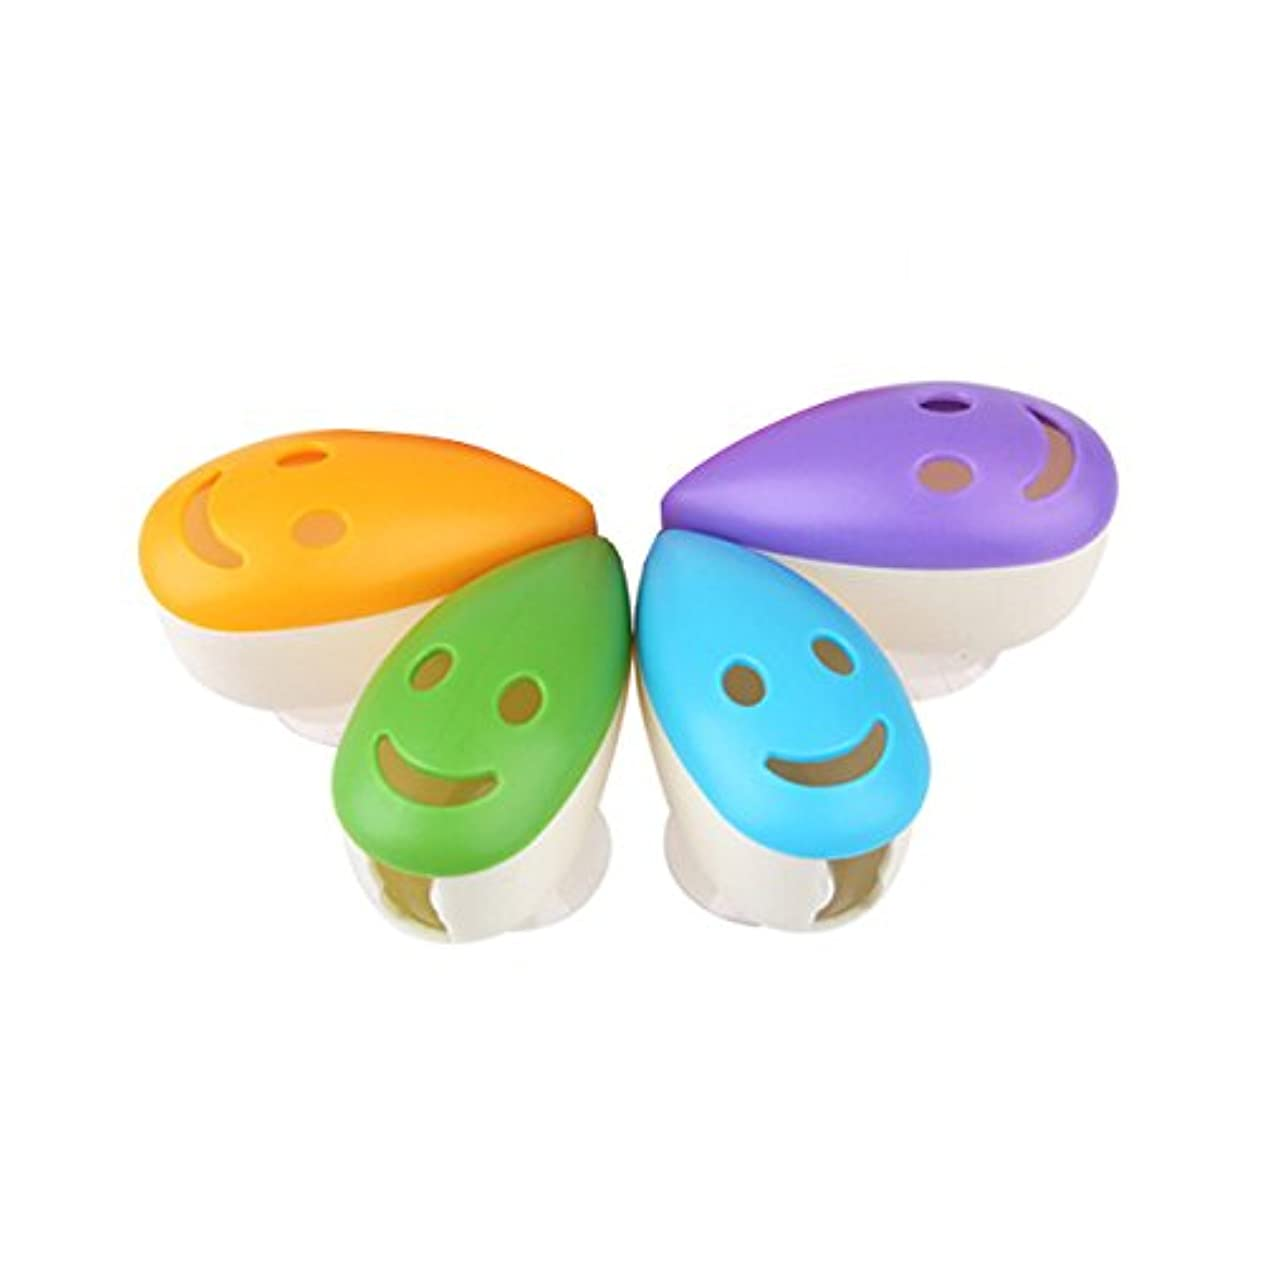 危機ナインへ一般的にROSENICE スマイルフェイス抗菌歯ブラシヘッドホルダーサクションカップ4本用